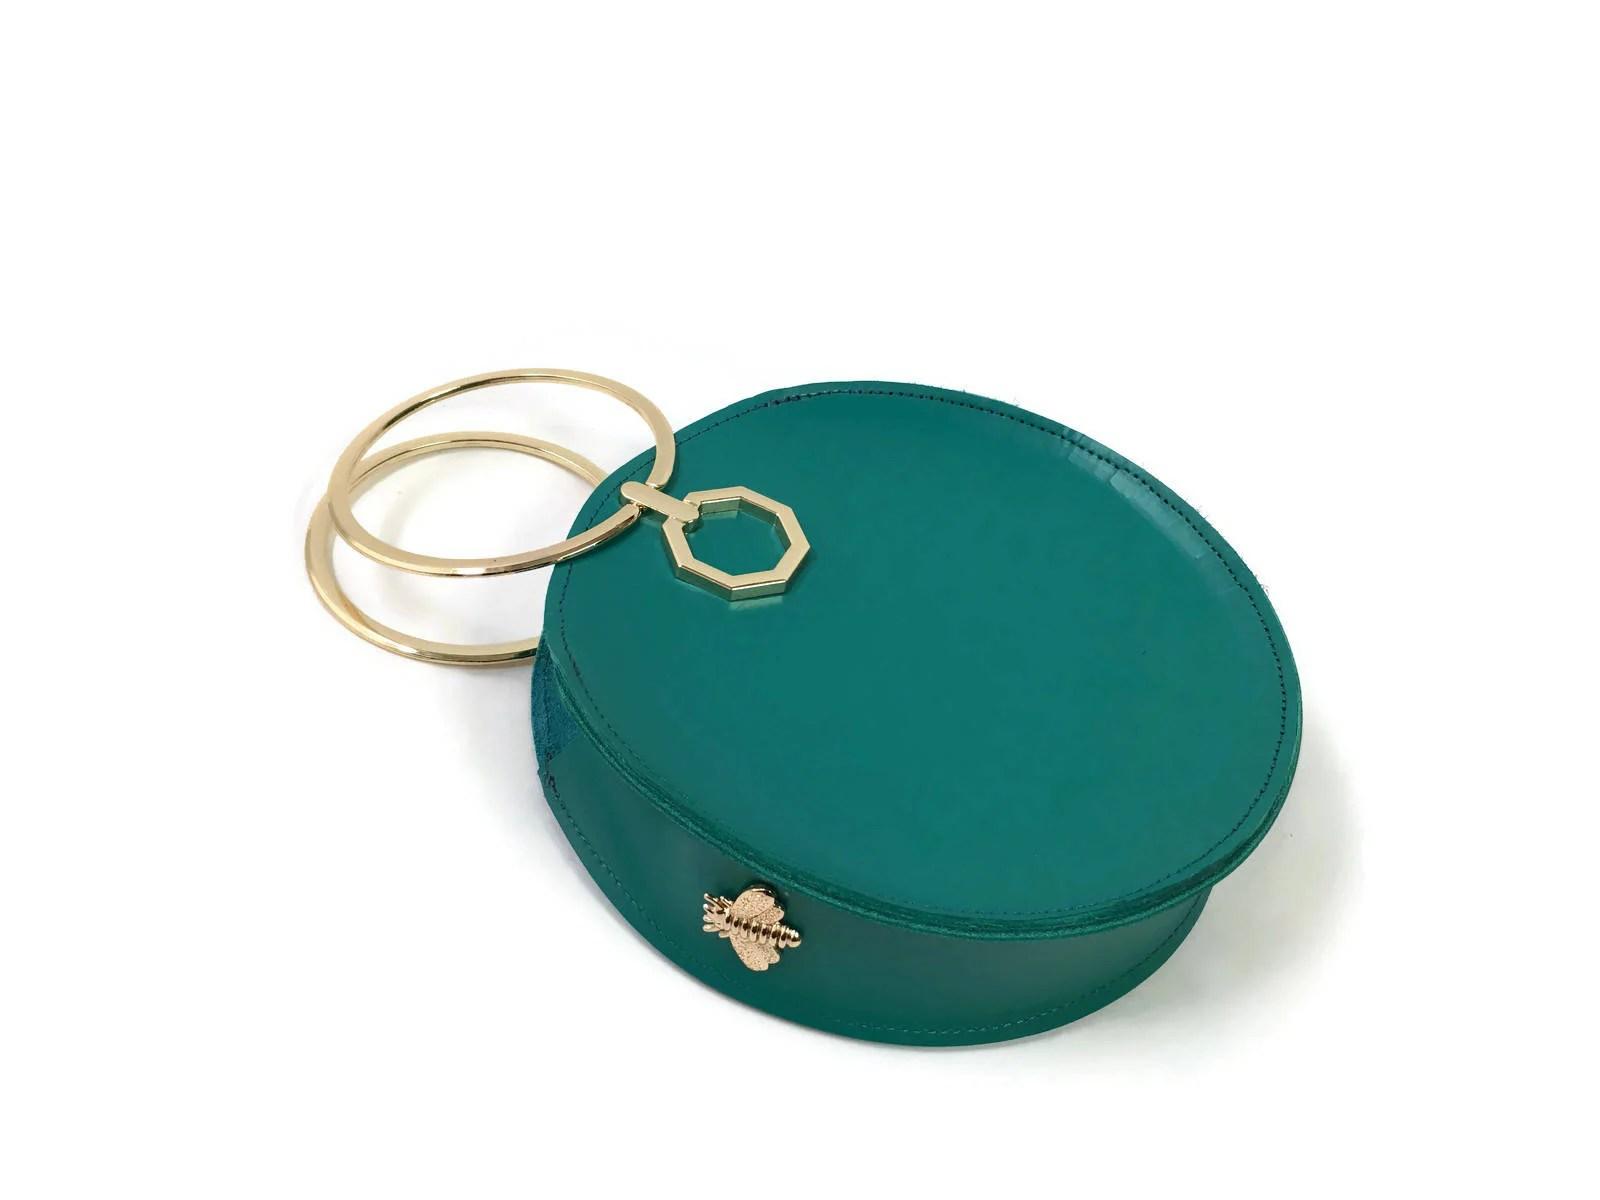 Aureole Bracelet Bag In Teal Structured Wristlet Clutch